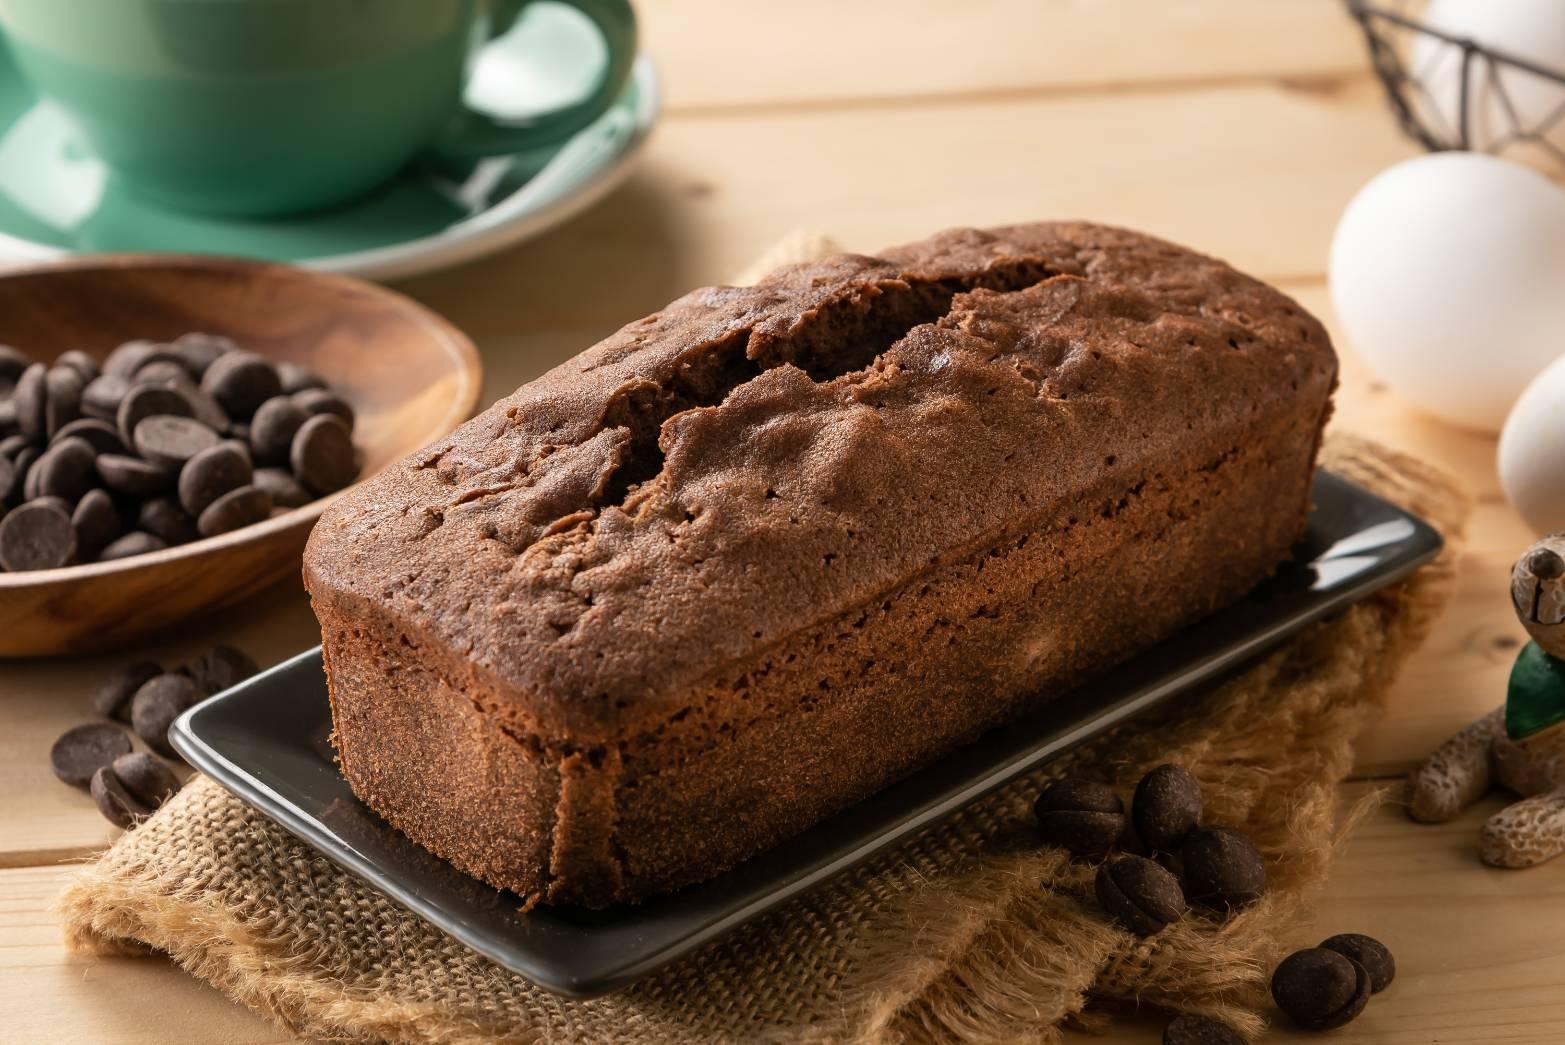 香濃巧克力磅蛋糕 Double Chocolate (280g20g)